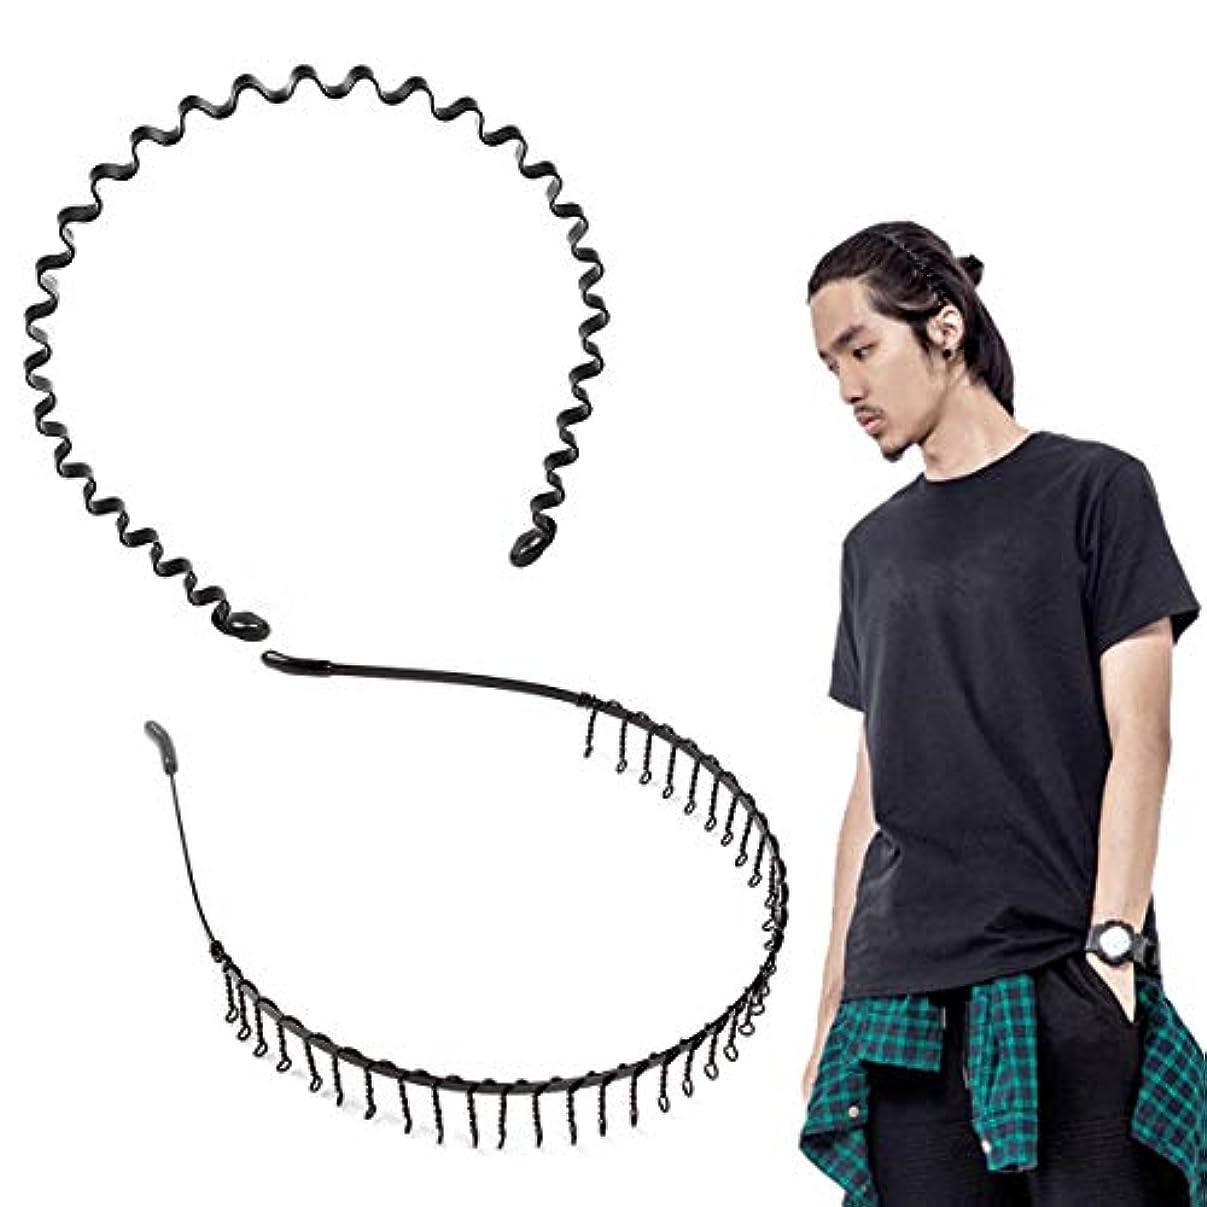 甘くするよろめく悪性のshefun メンズ カチューシャ スプリング ヘアバンド 鉄 波型 くし付き 滑り止め 痛くない 黒 シンプル 前髪 髪飾り 2本セット JP159